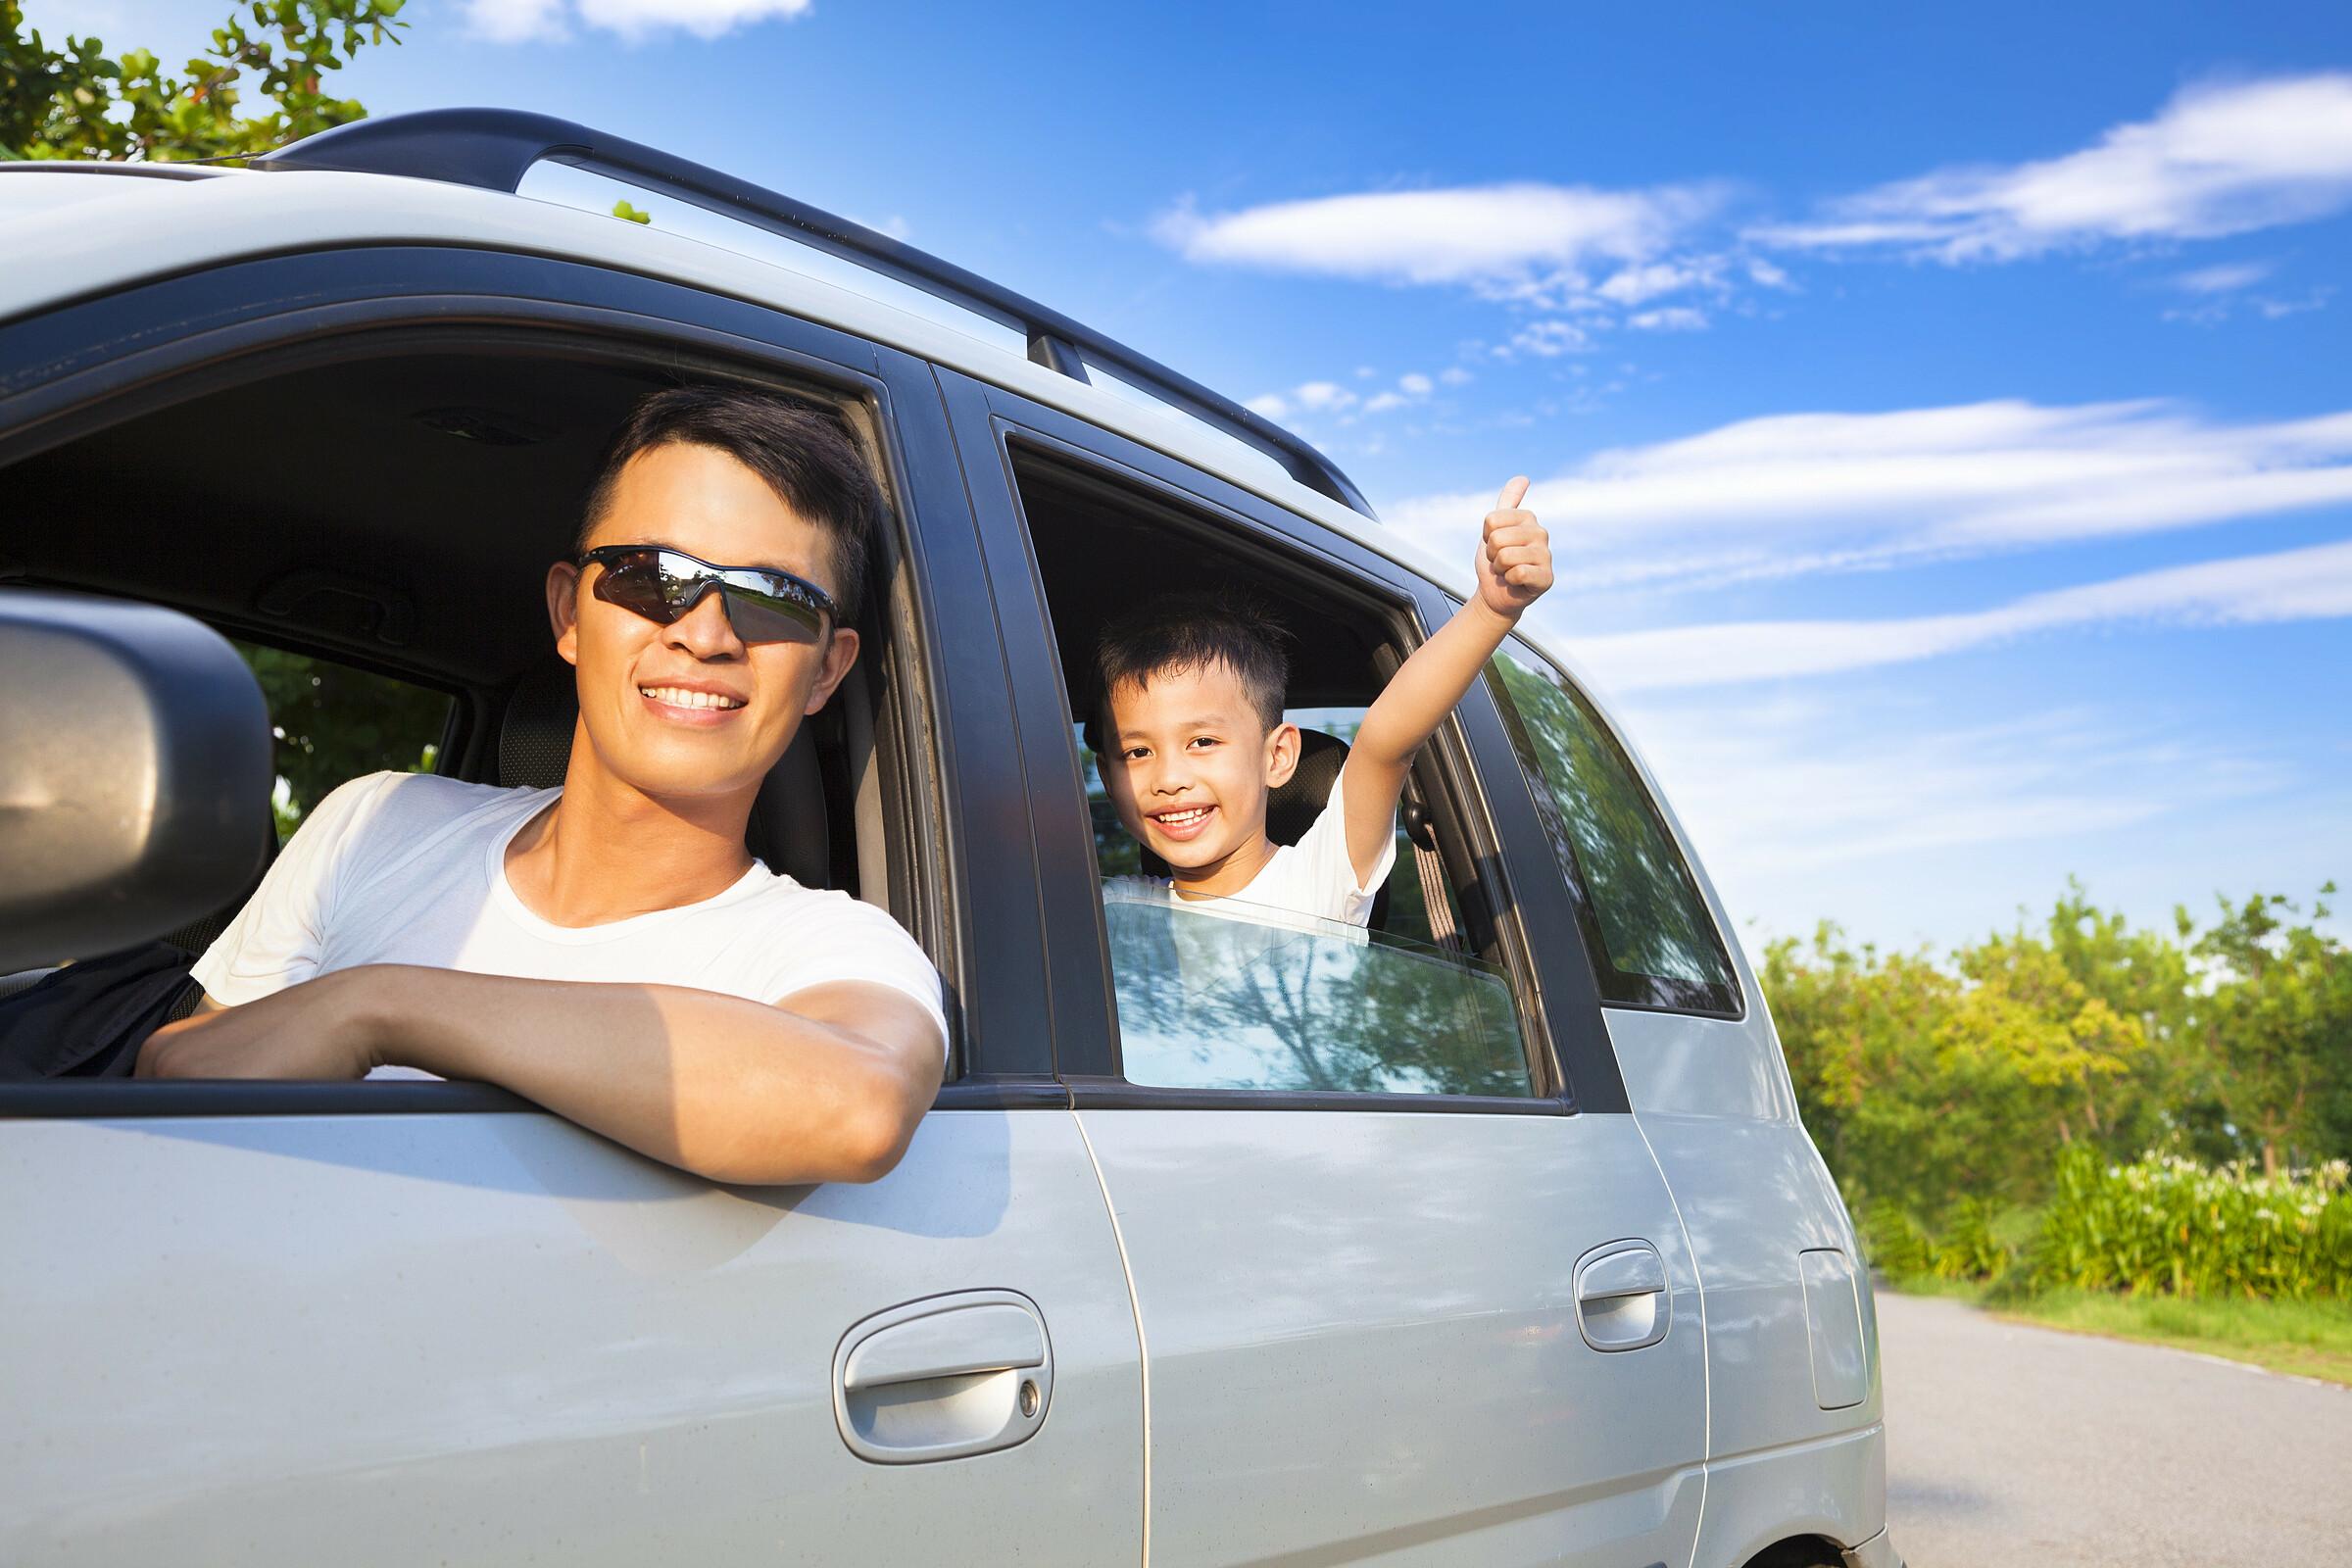 Liberty Việt Nam cung cấp gói bảo hiểm ôtô toàn diện giúp chủ xe an tâm hơn. Ảnh: Shutterstock.